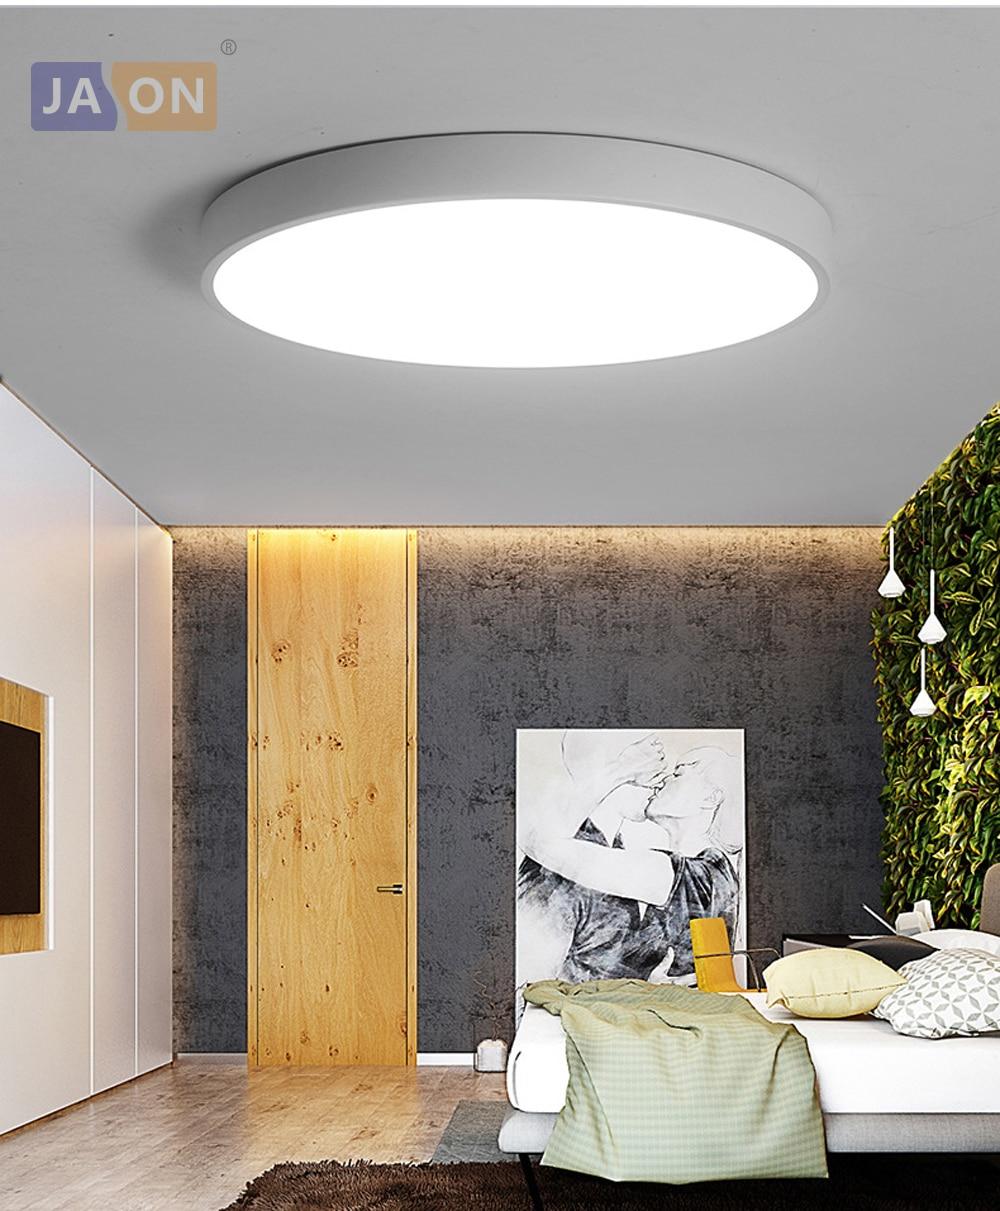 HTB1jRuRjcrI8KJjy0Fhq6zfnpXaj LED Modern Acryl Alloy Round 5cm Super Thin LED Lamp.LED Light.Ceiling Lights.LED Ceiling Light.Ceiling Lamp For Foyer Bedroom